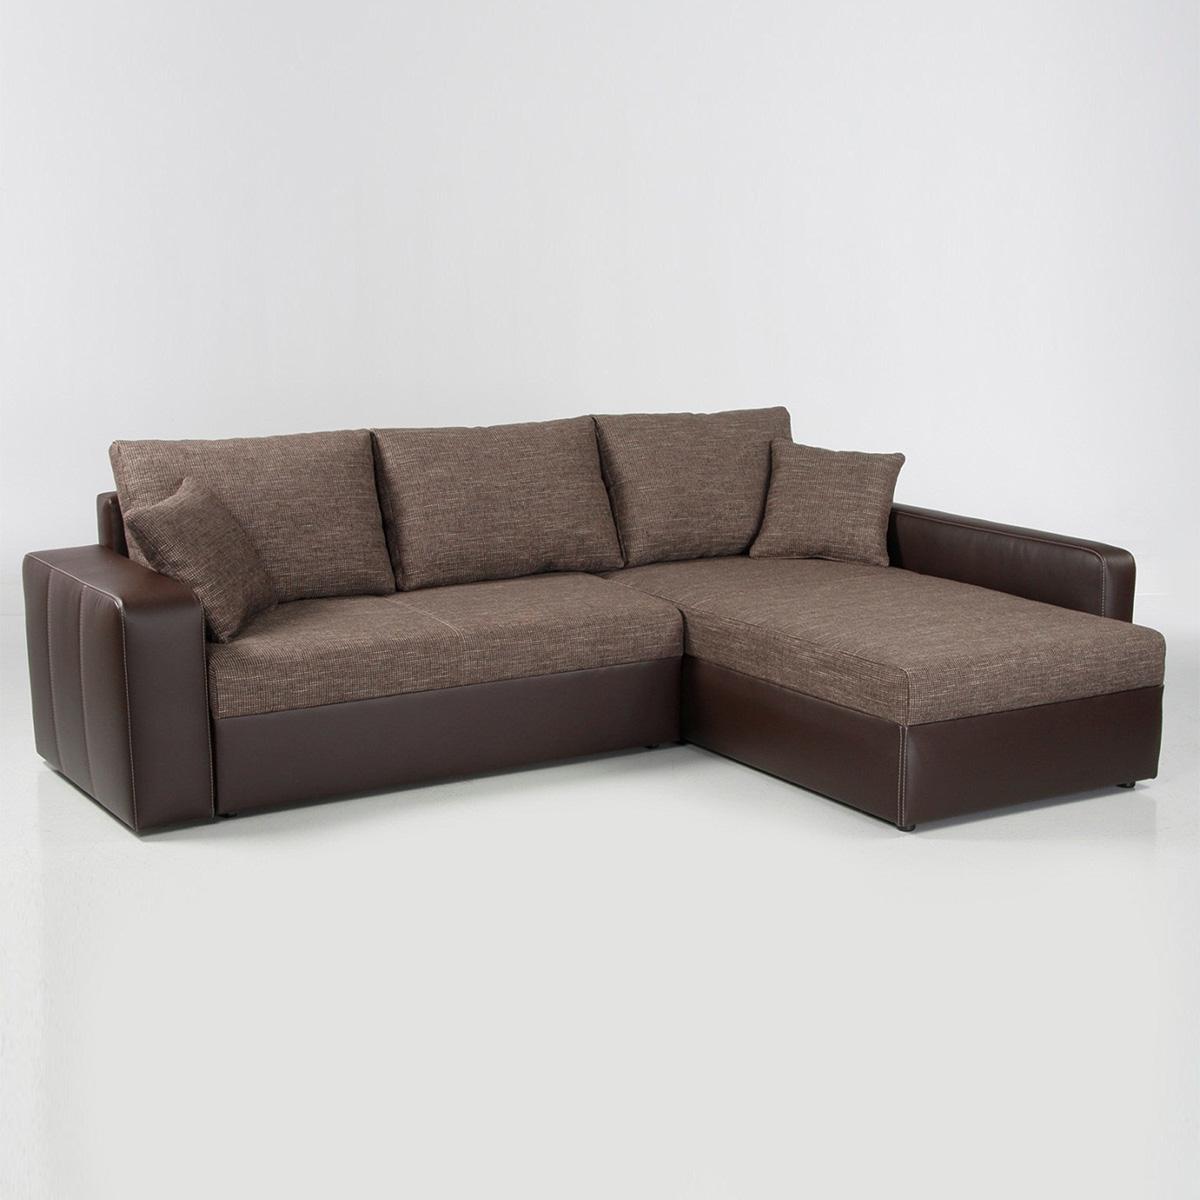 ecksofa viper sofa wohnlandschaft in schwarz grau wei braun auswahl ebay. Black Bedroom Furniture Sets. Home Design Ideas